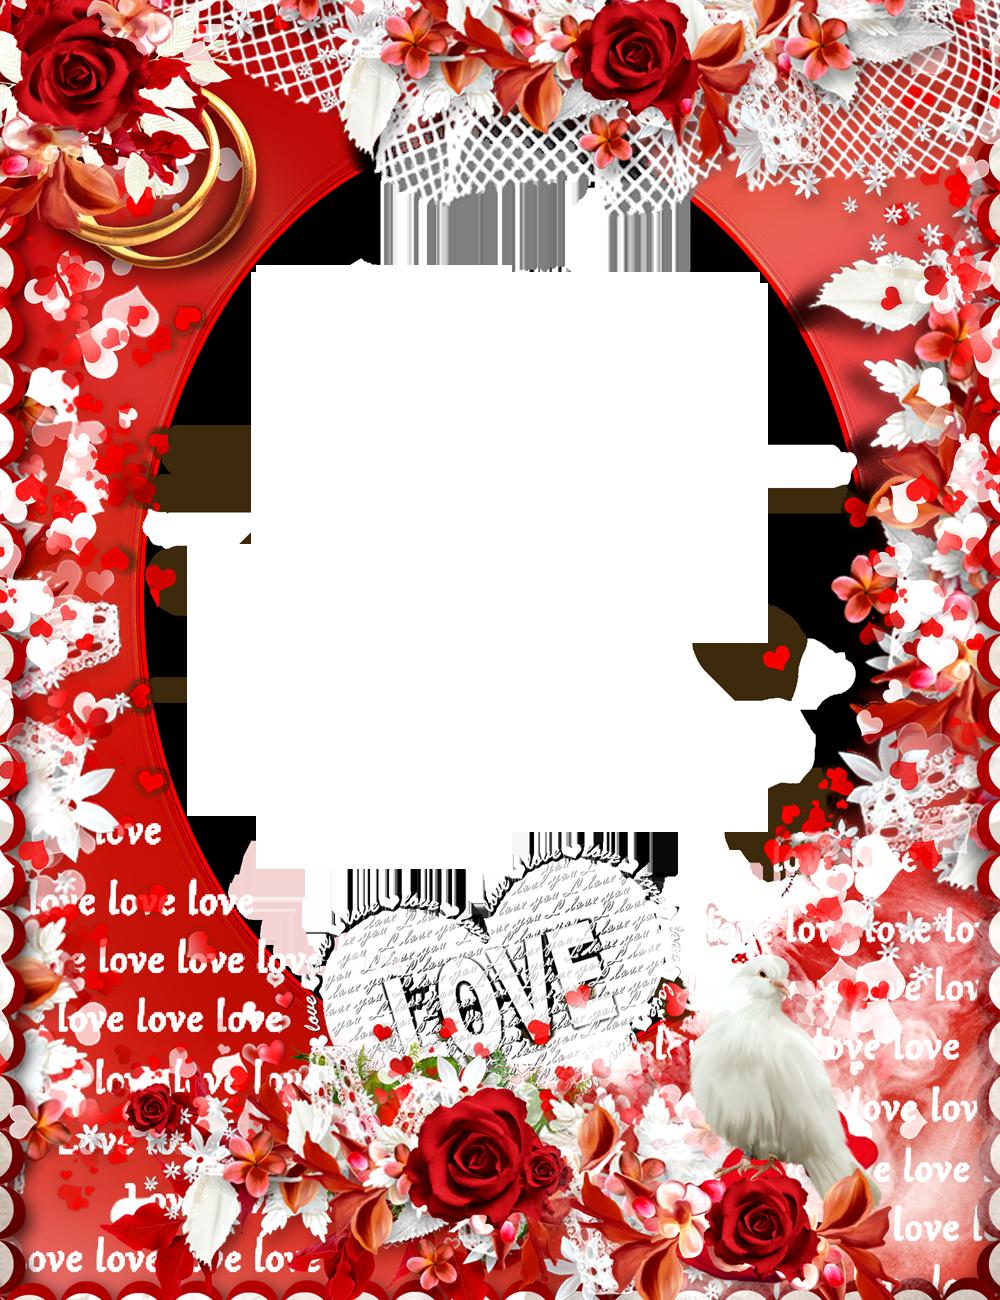 Download Love Frame PNG File 1.